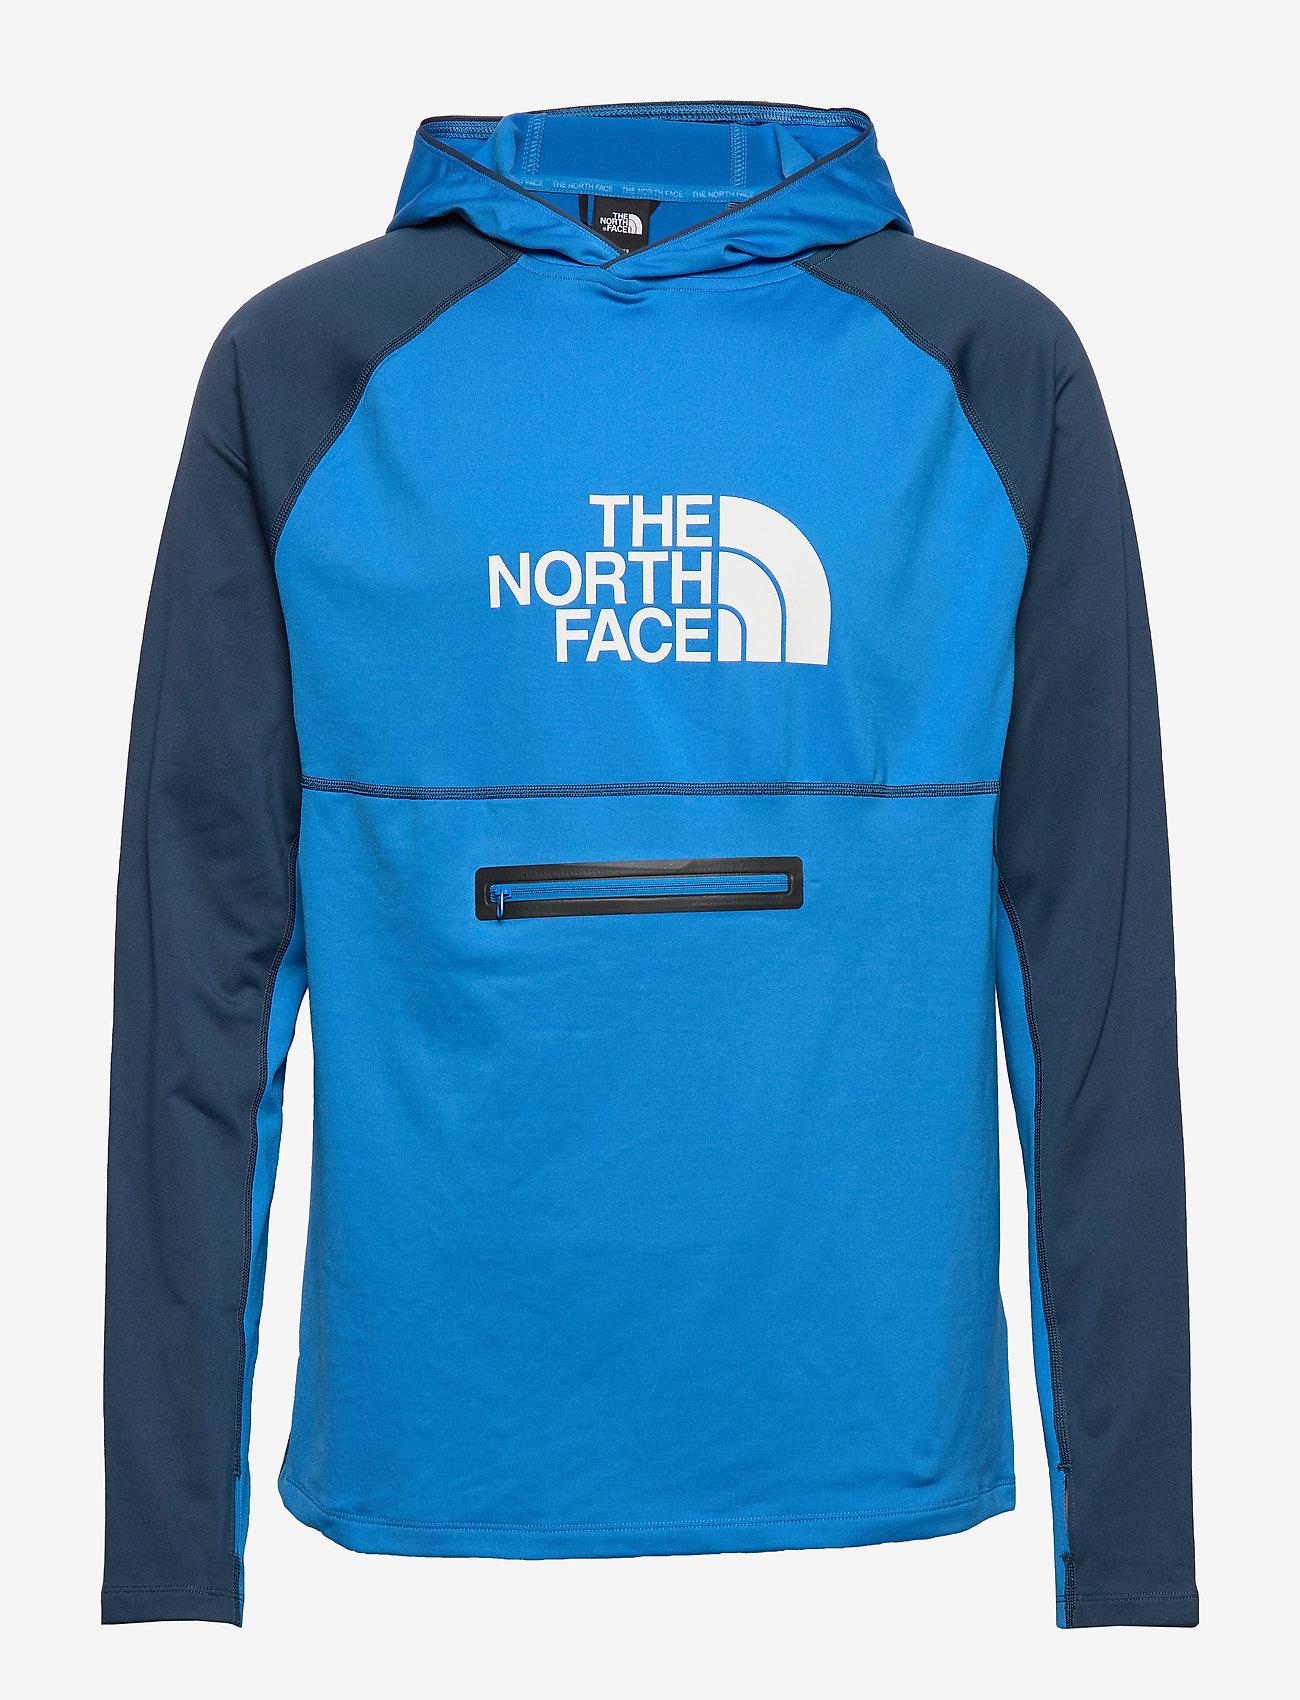 The North Face - M VARUNA HD - vestes couche intermédiaire - clrlkbl/blwngtl - 0